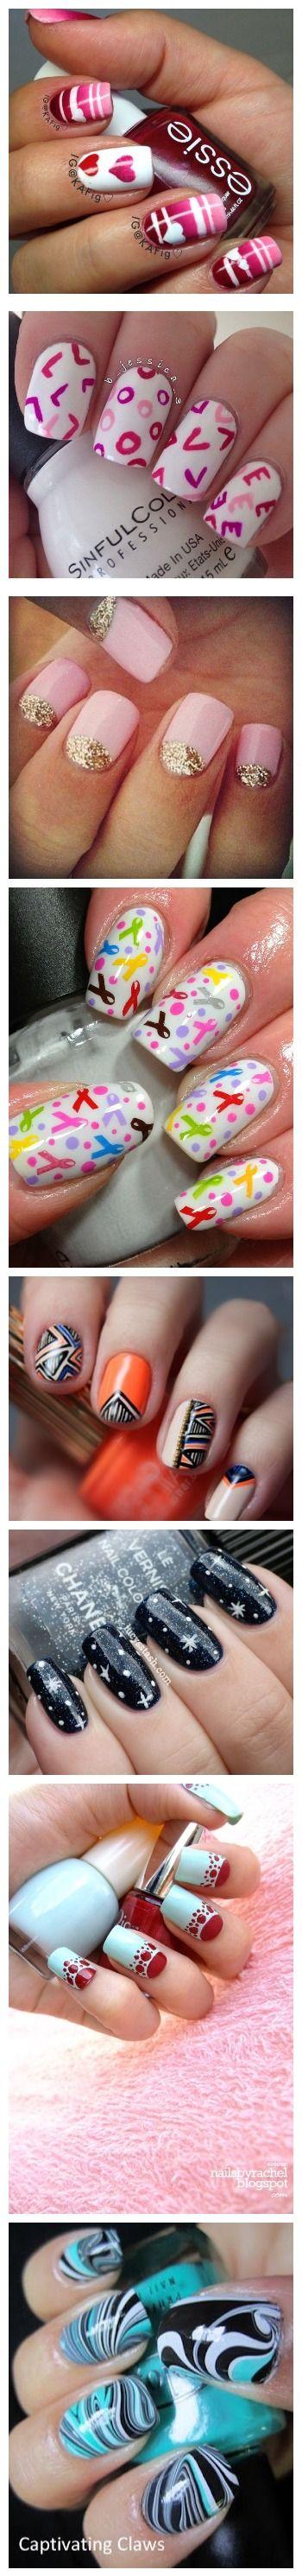 Nail design samples paws and claws pinterest nail art nails